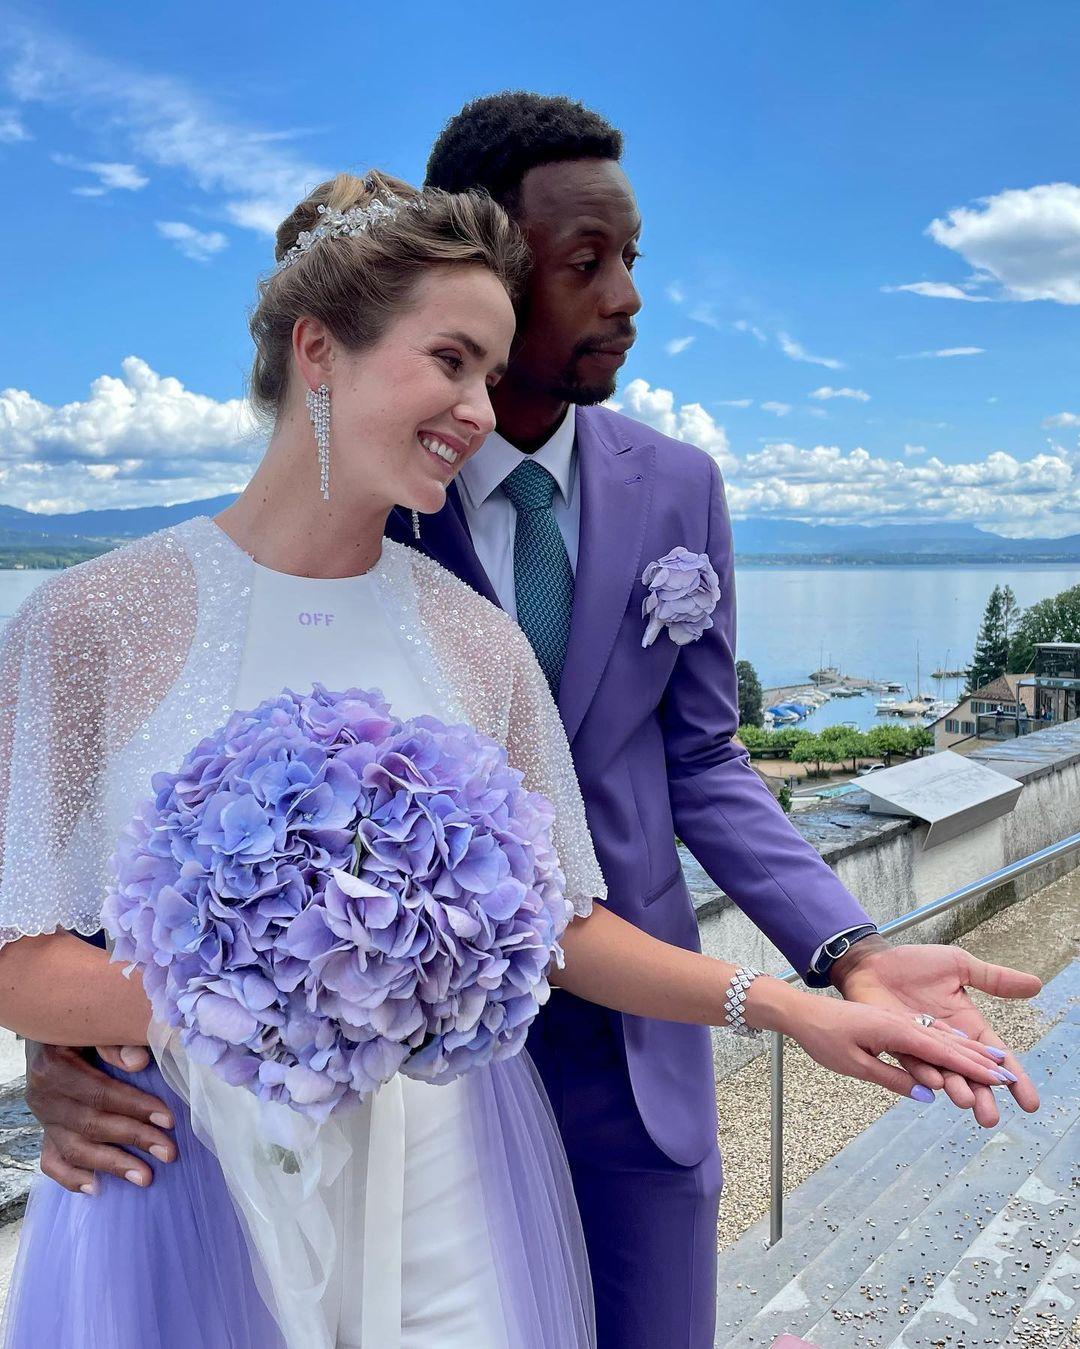 elina svitolina and gael monfils wedding